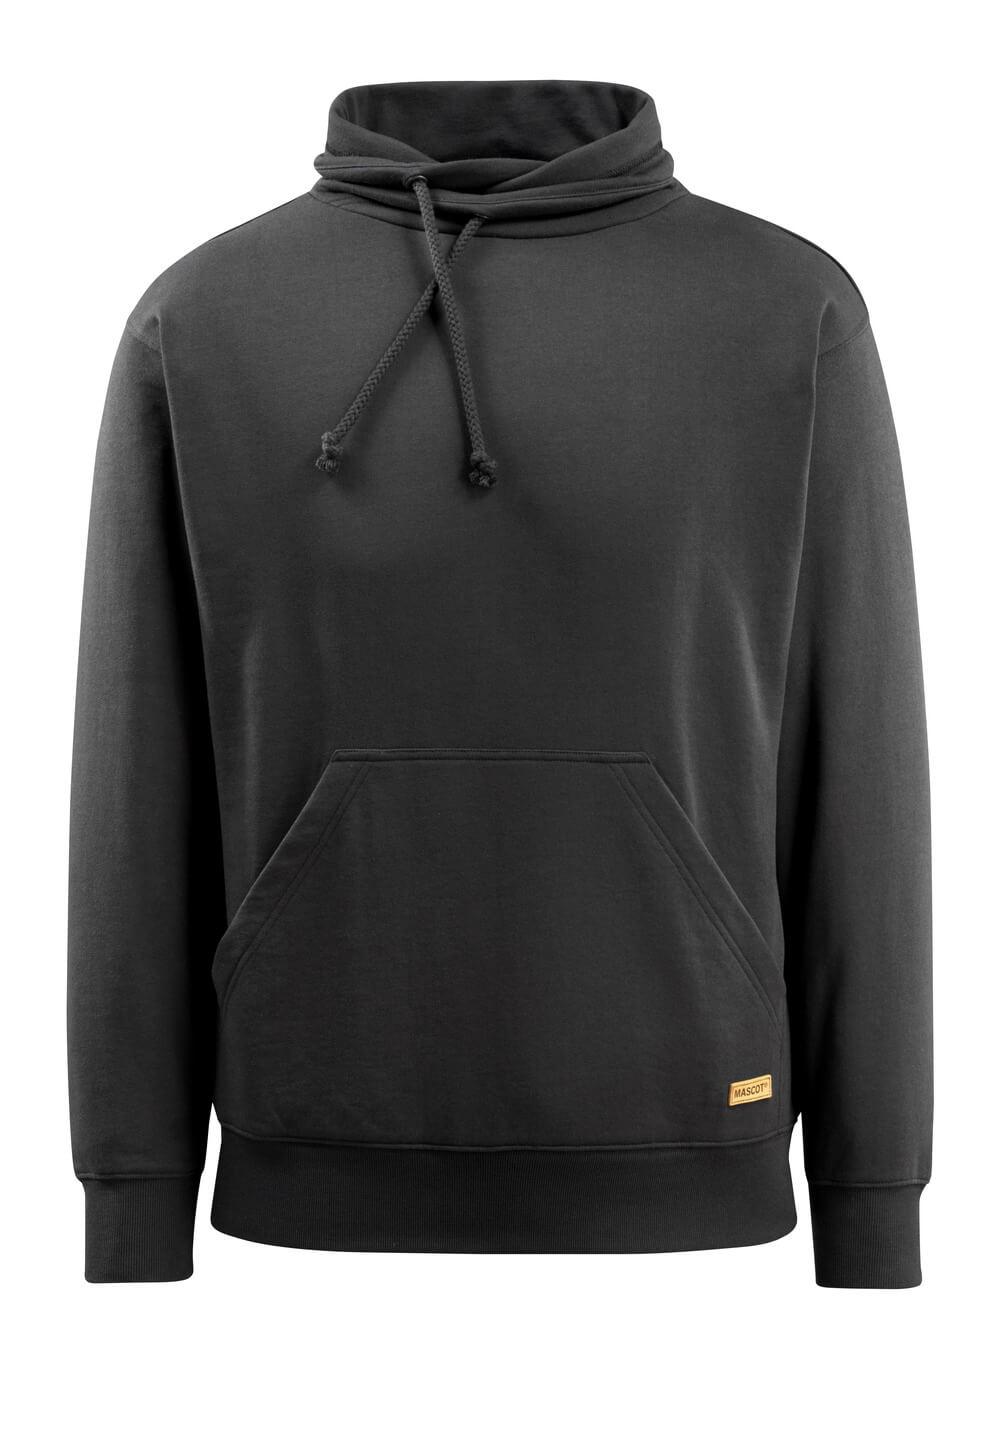 50598-280-09 Sweatshirt - sort